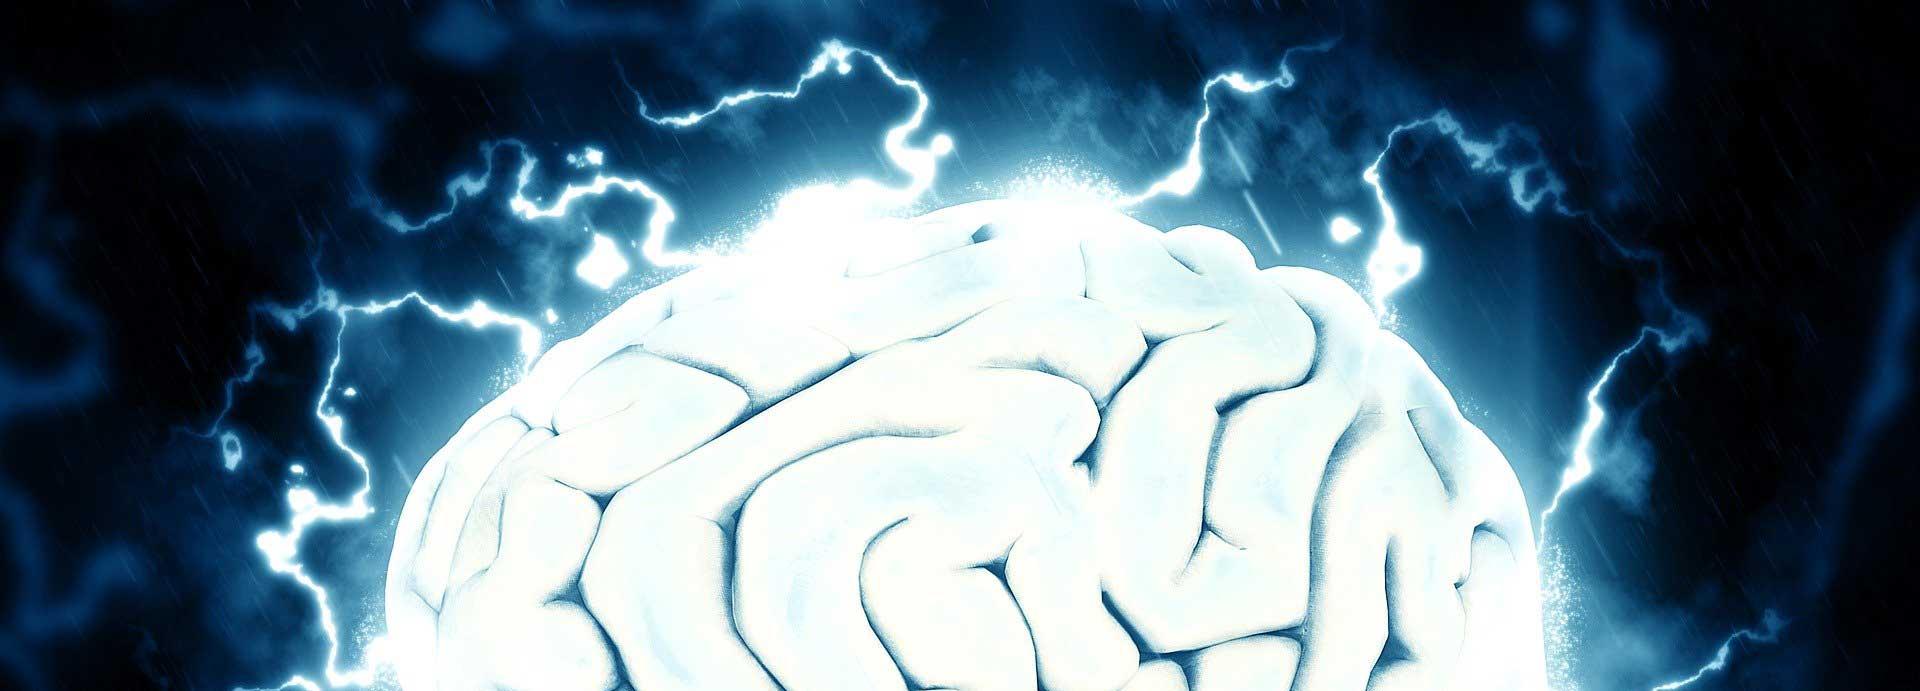 Nach einem Schlaganfall kommt es häufig zu einem epileptischen Anfall